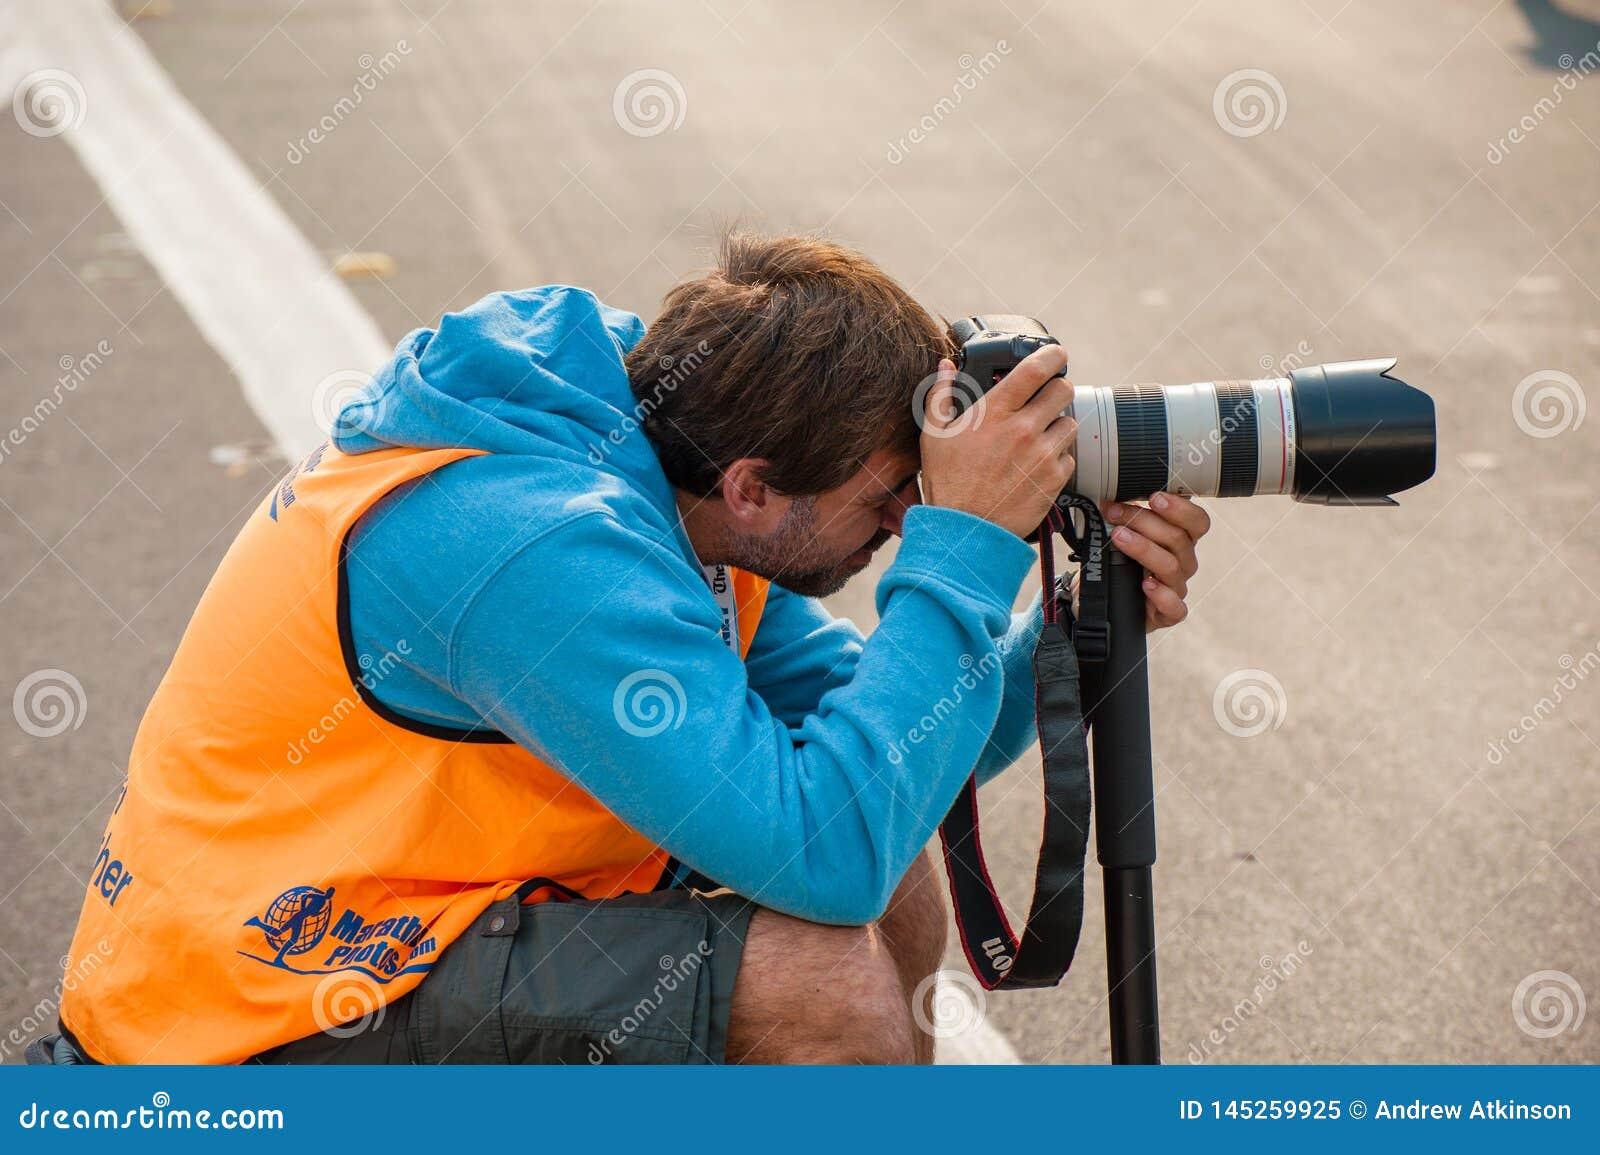 Photographe officiel se tapissant prenant des photos avec un DSLR et un zoom